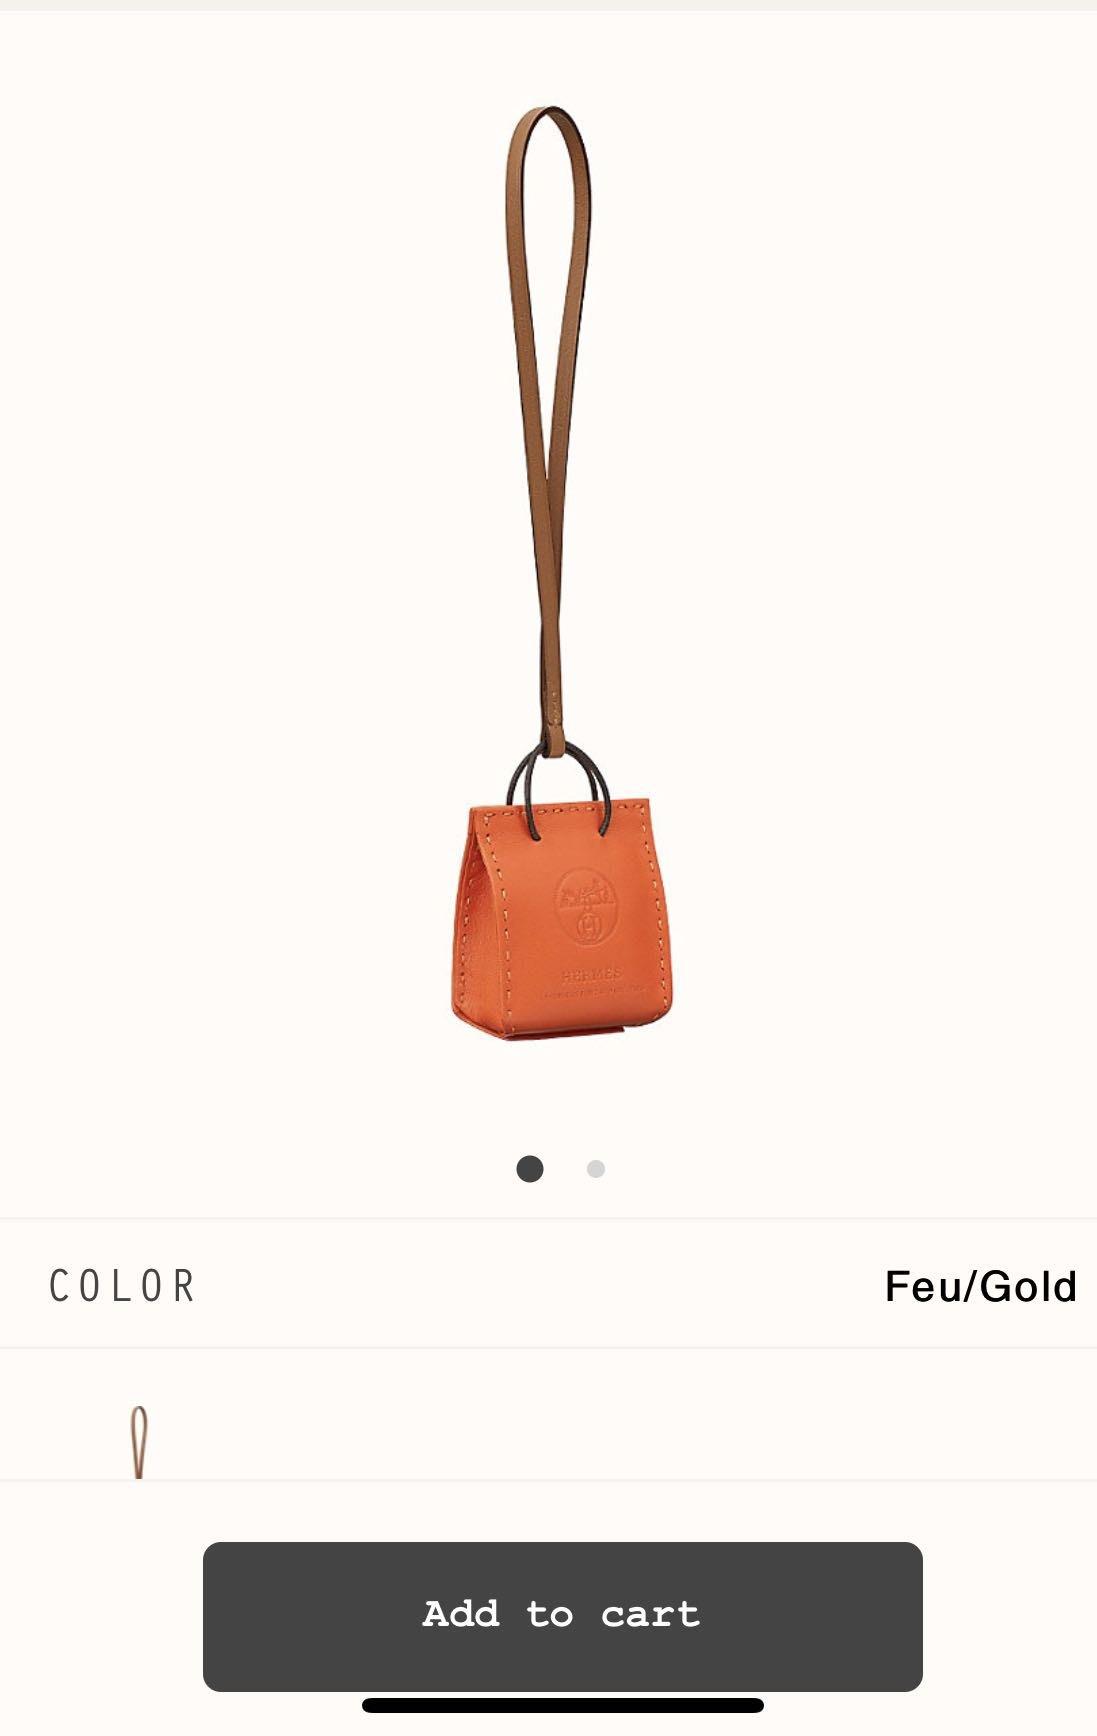 全新Hermès 小橘袋吊飾